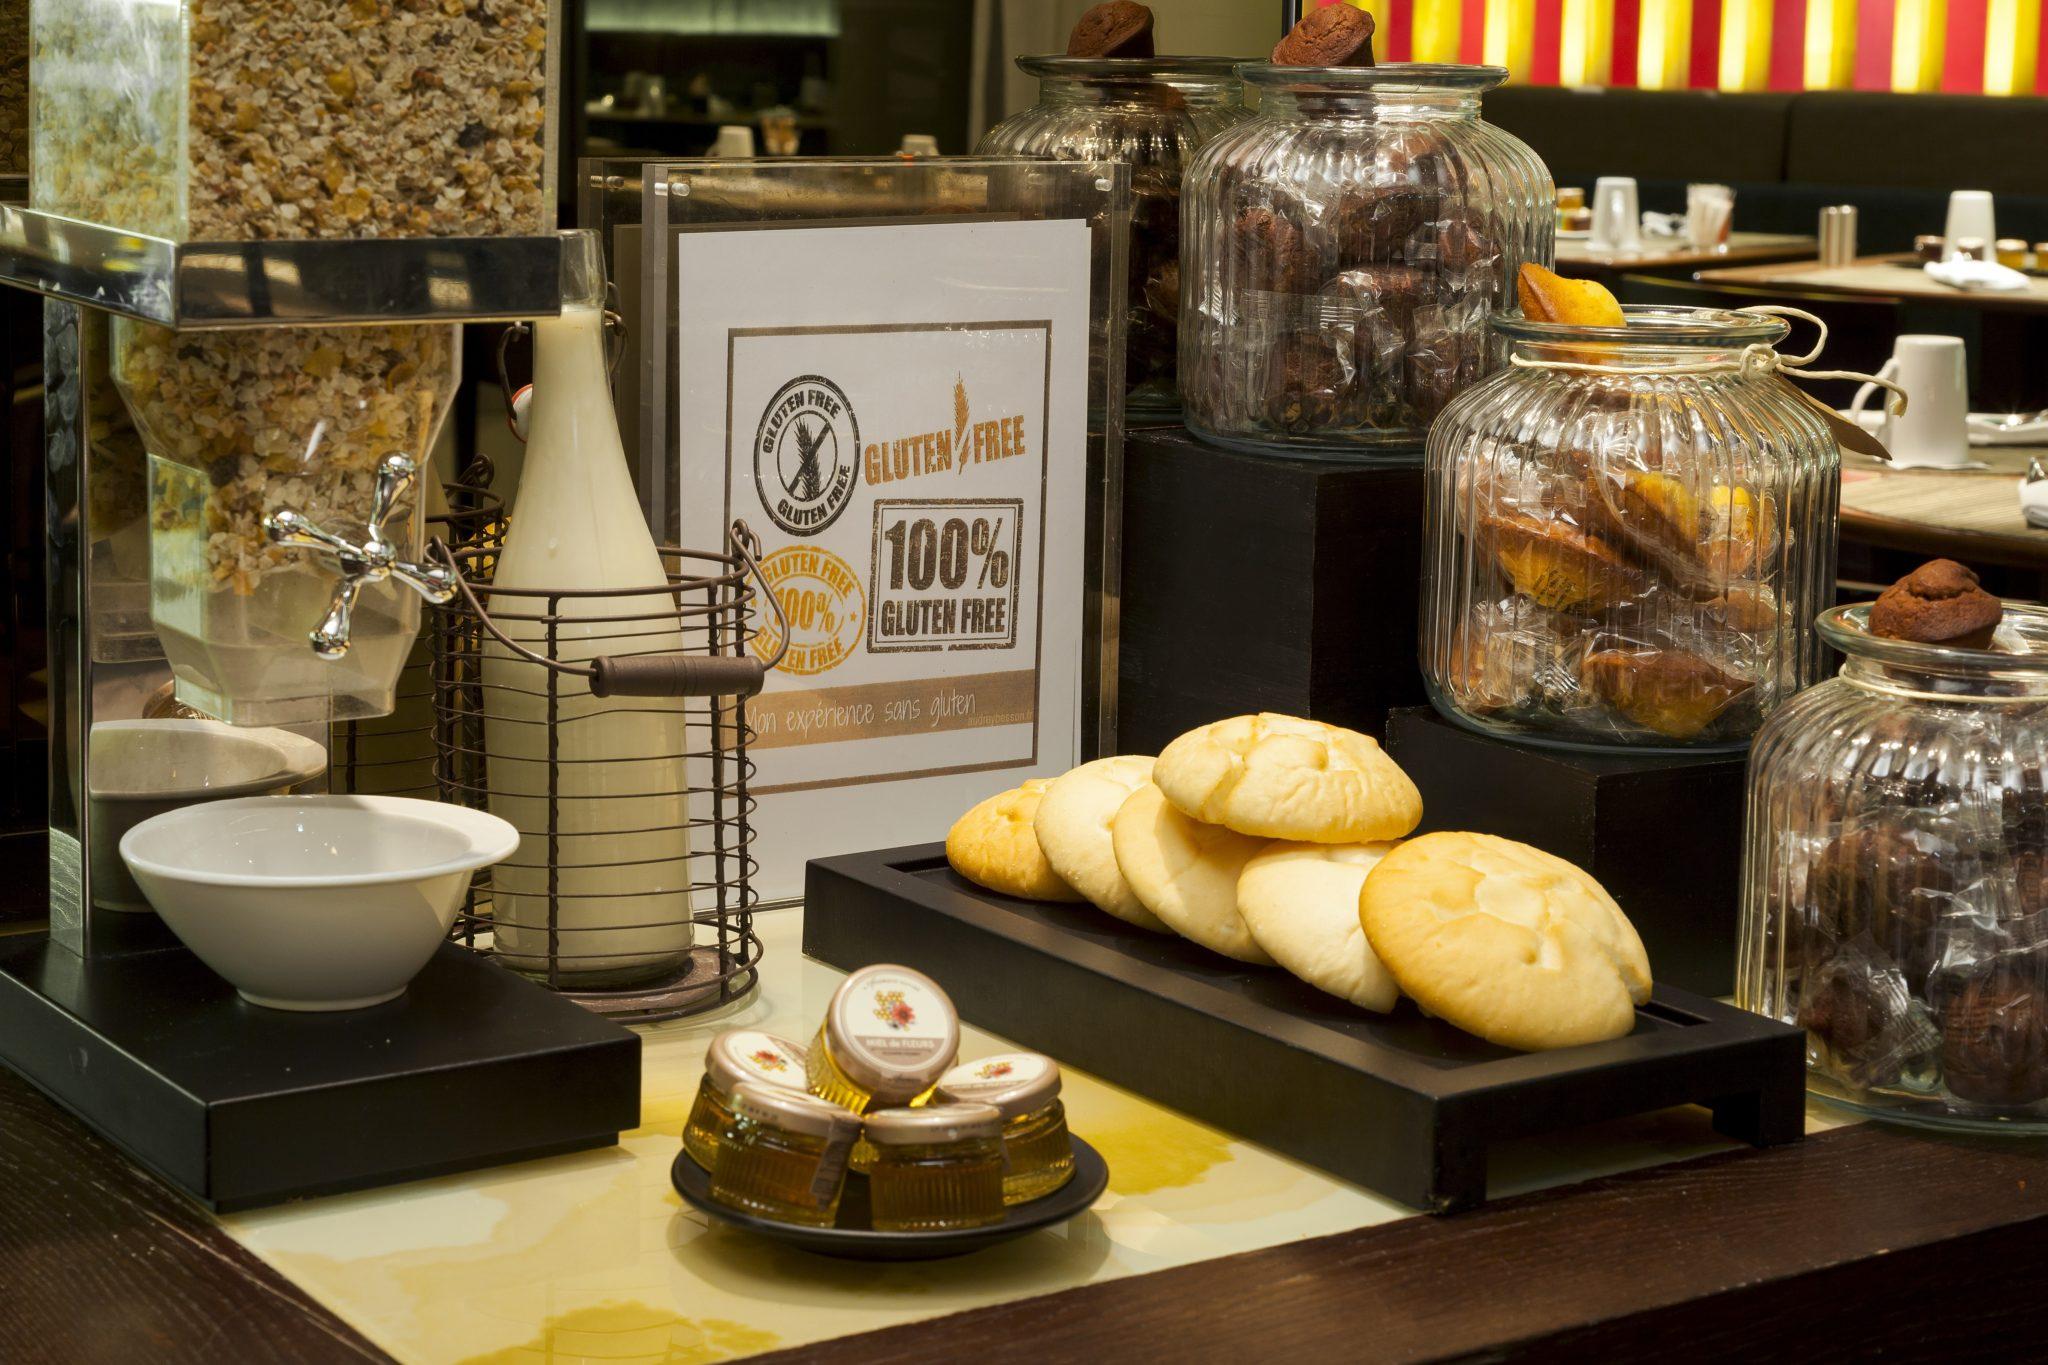 Le pullman Paris Bercy Centre propose des produits frais et gluten free au petit-déjeuner